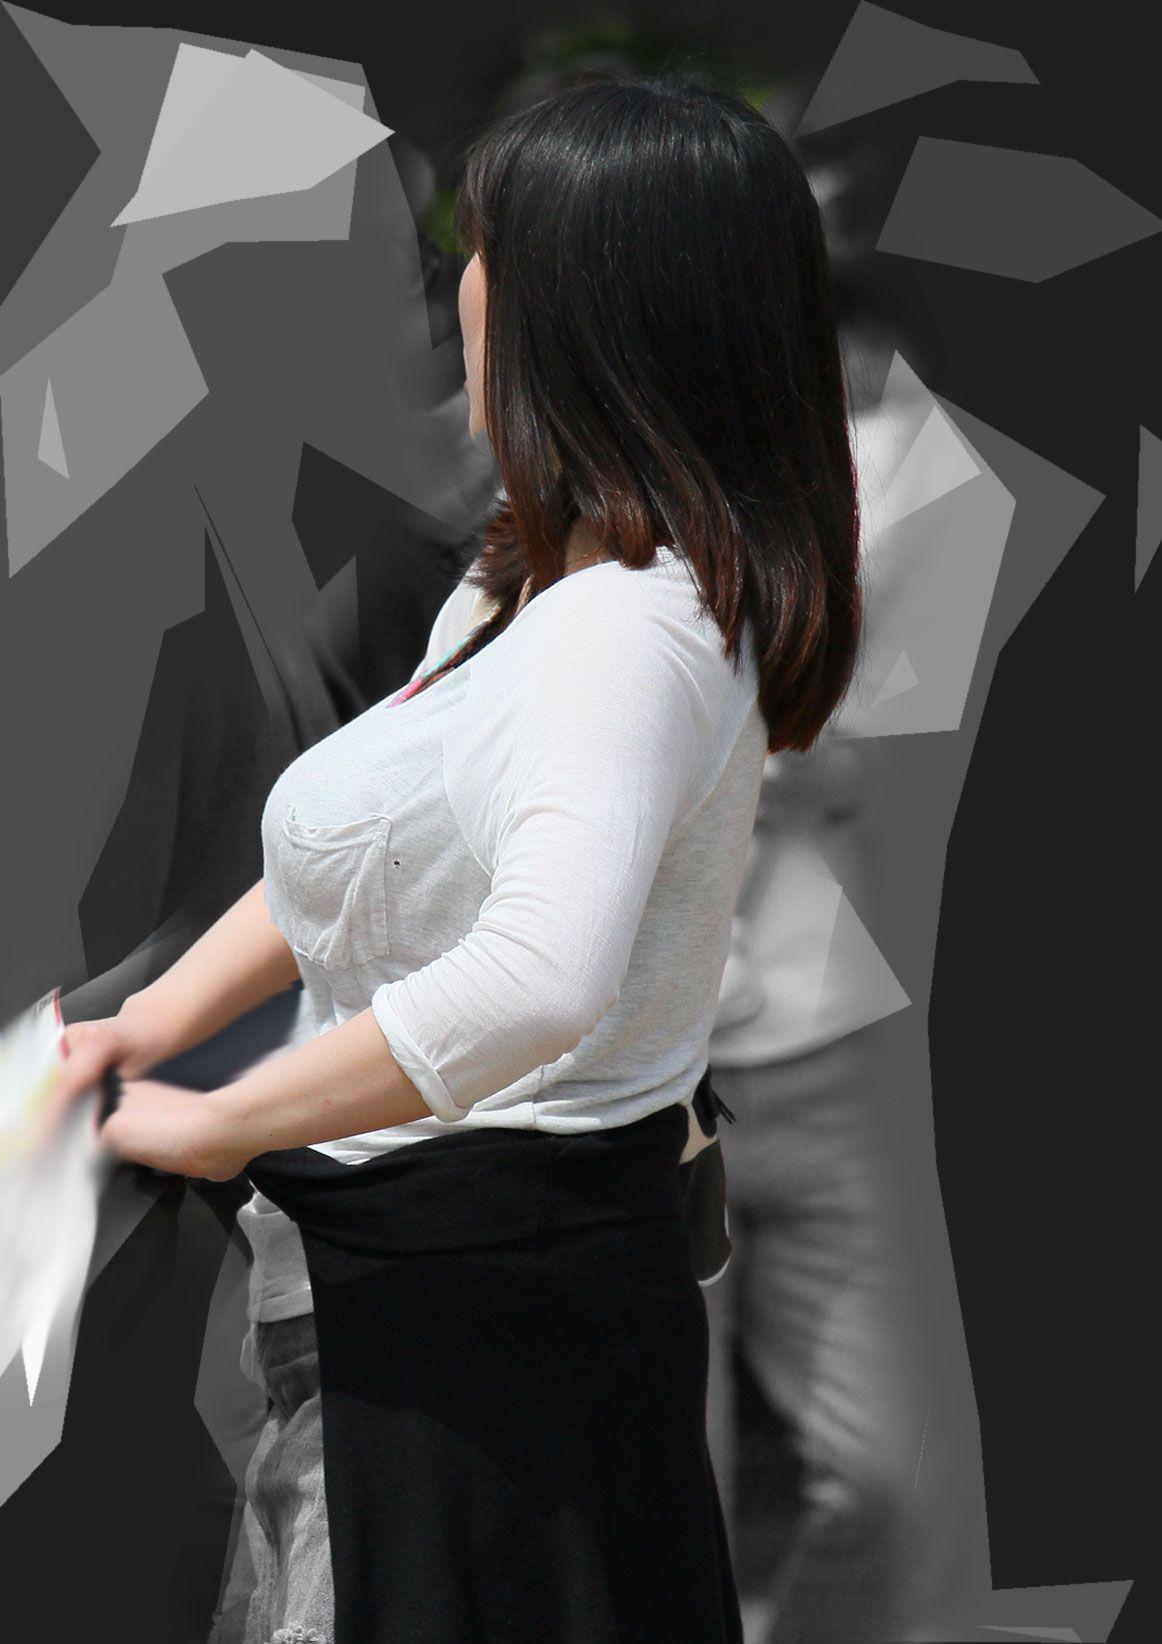 【巨乳エロ画像】隠せるのに敢えて強調w近頃の着衣巨乳さんは前衛的www 29